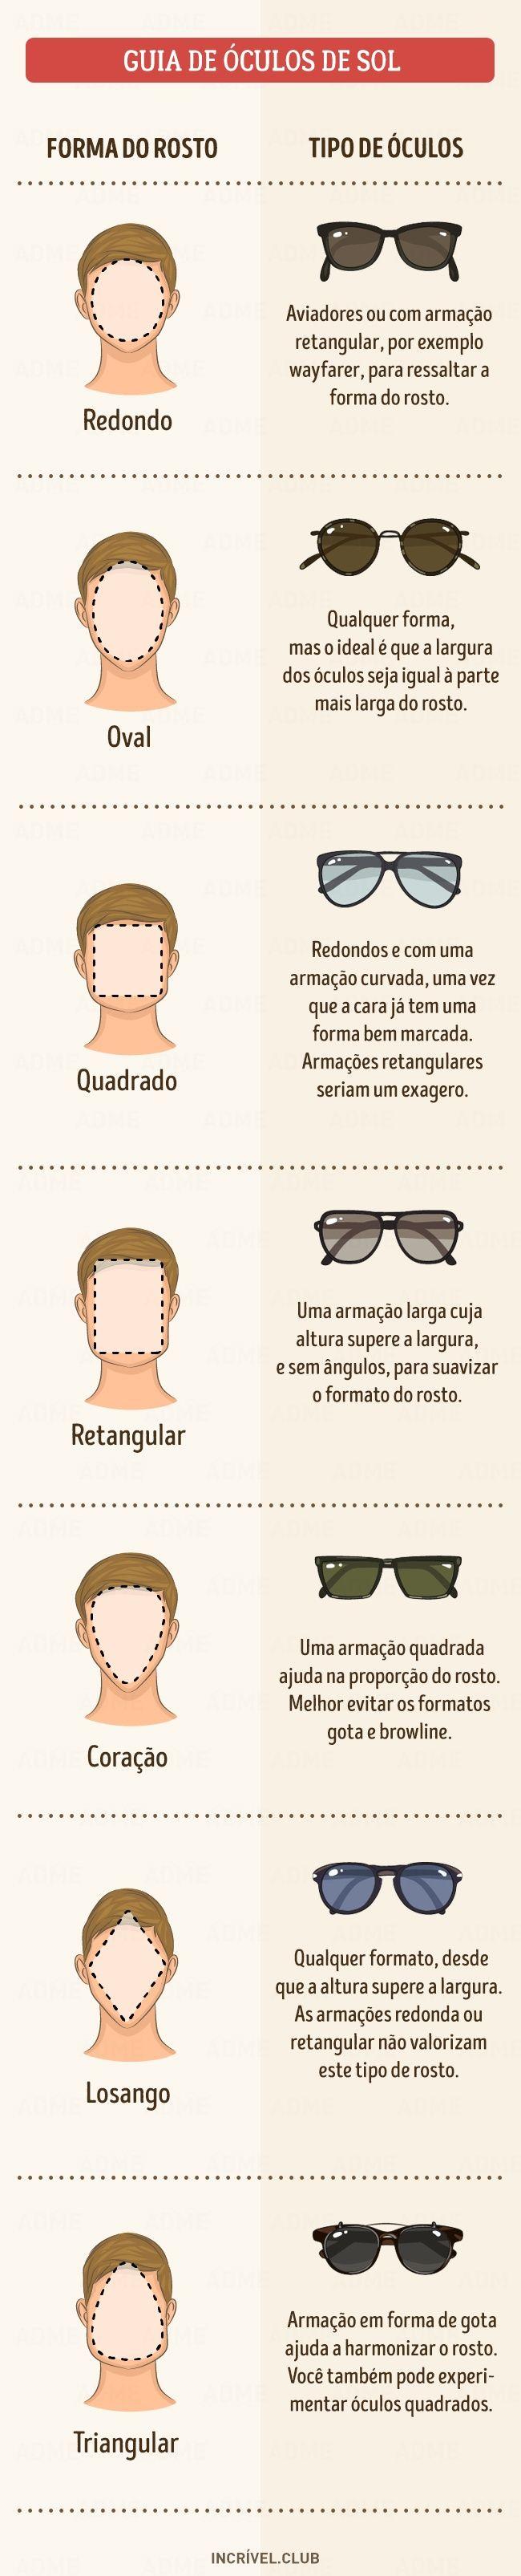 Guia de óculos de sol